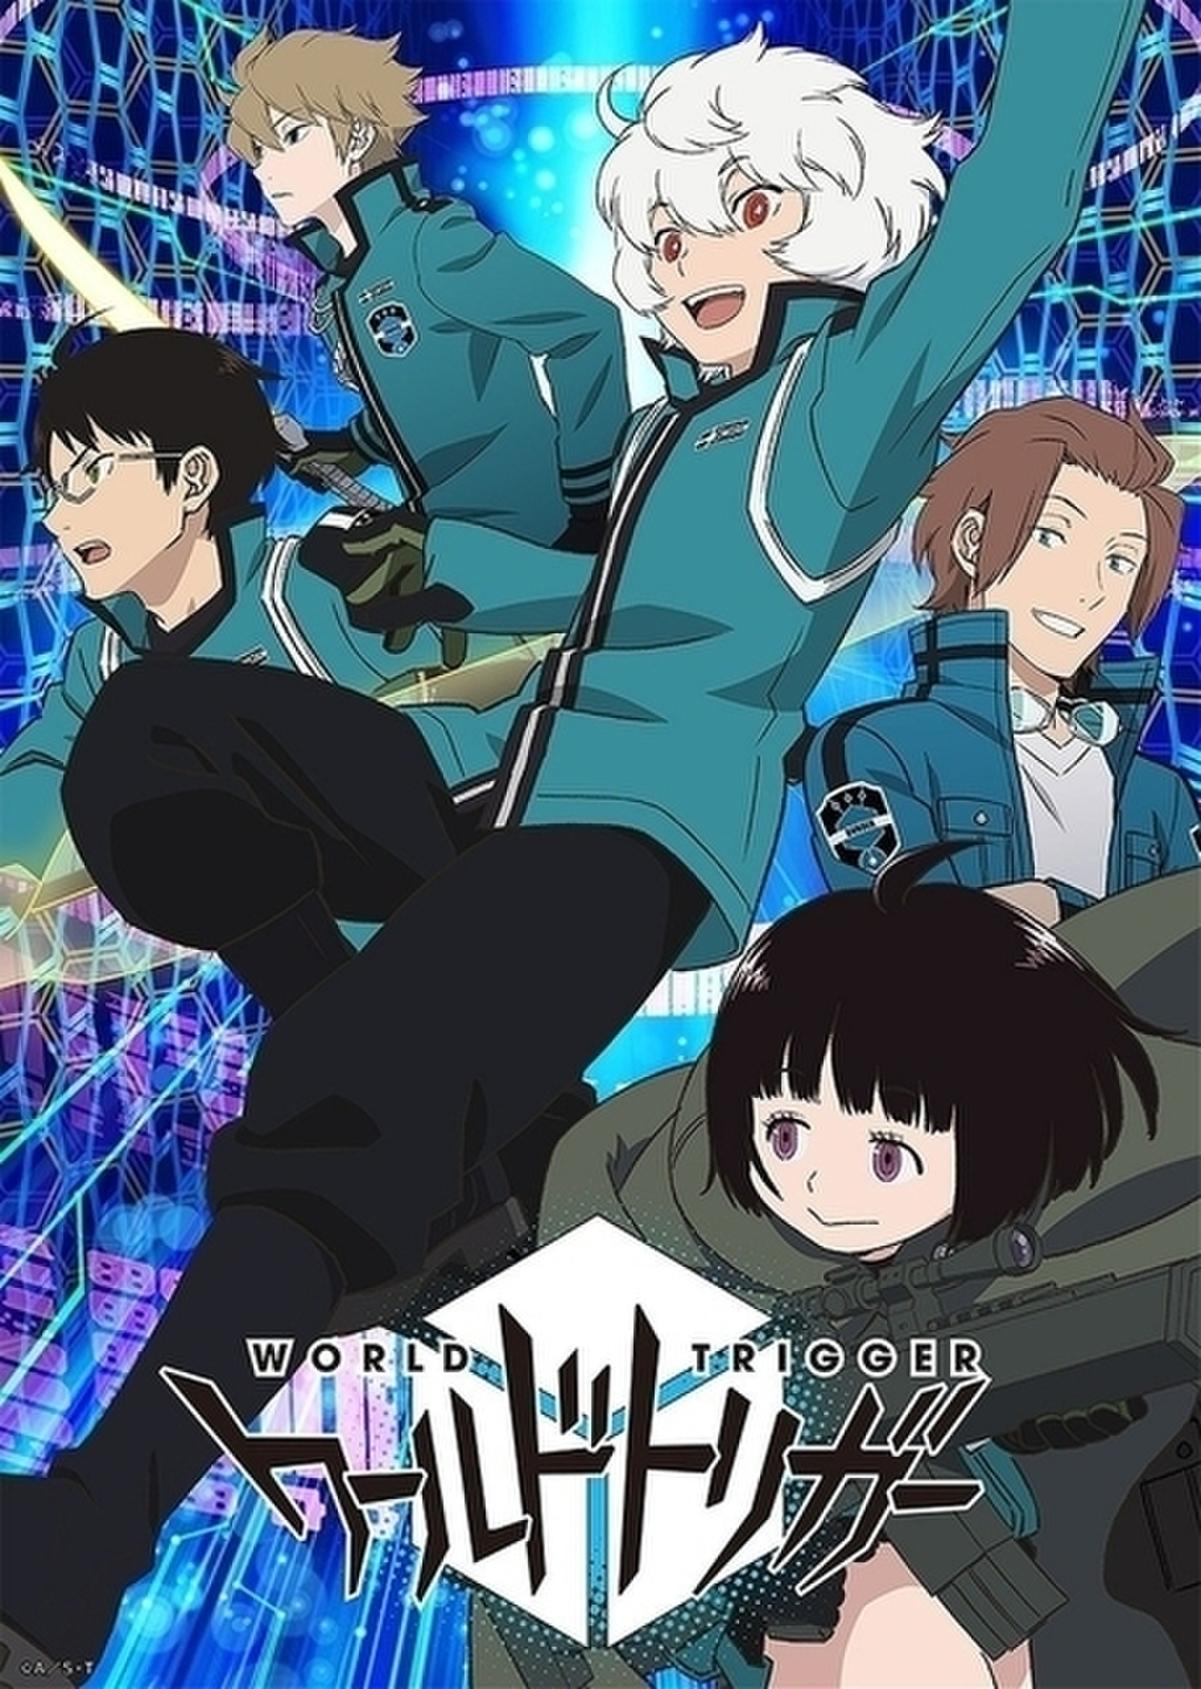 TVアニメ「ワールドトリガー」